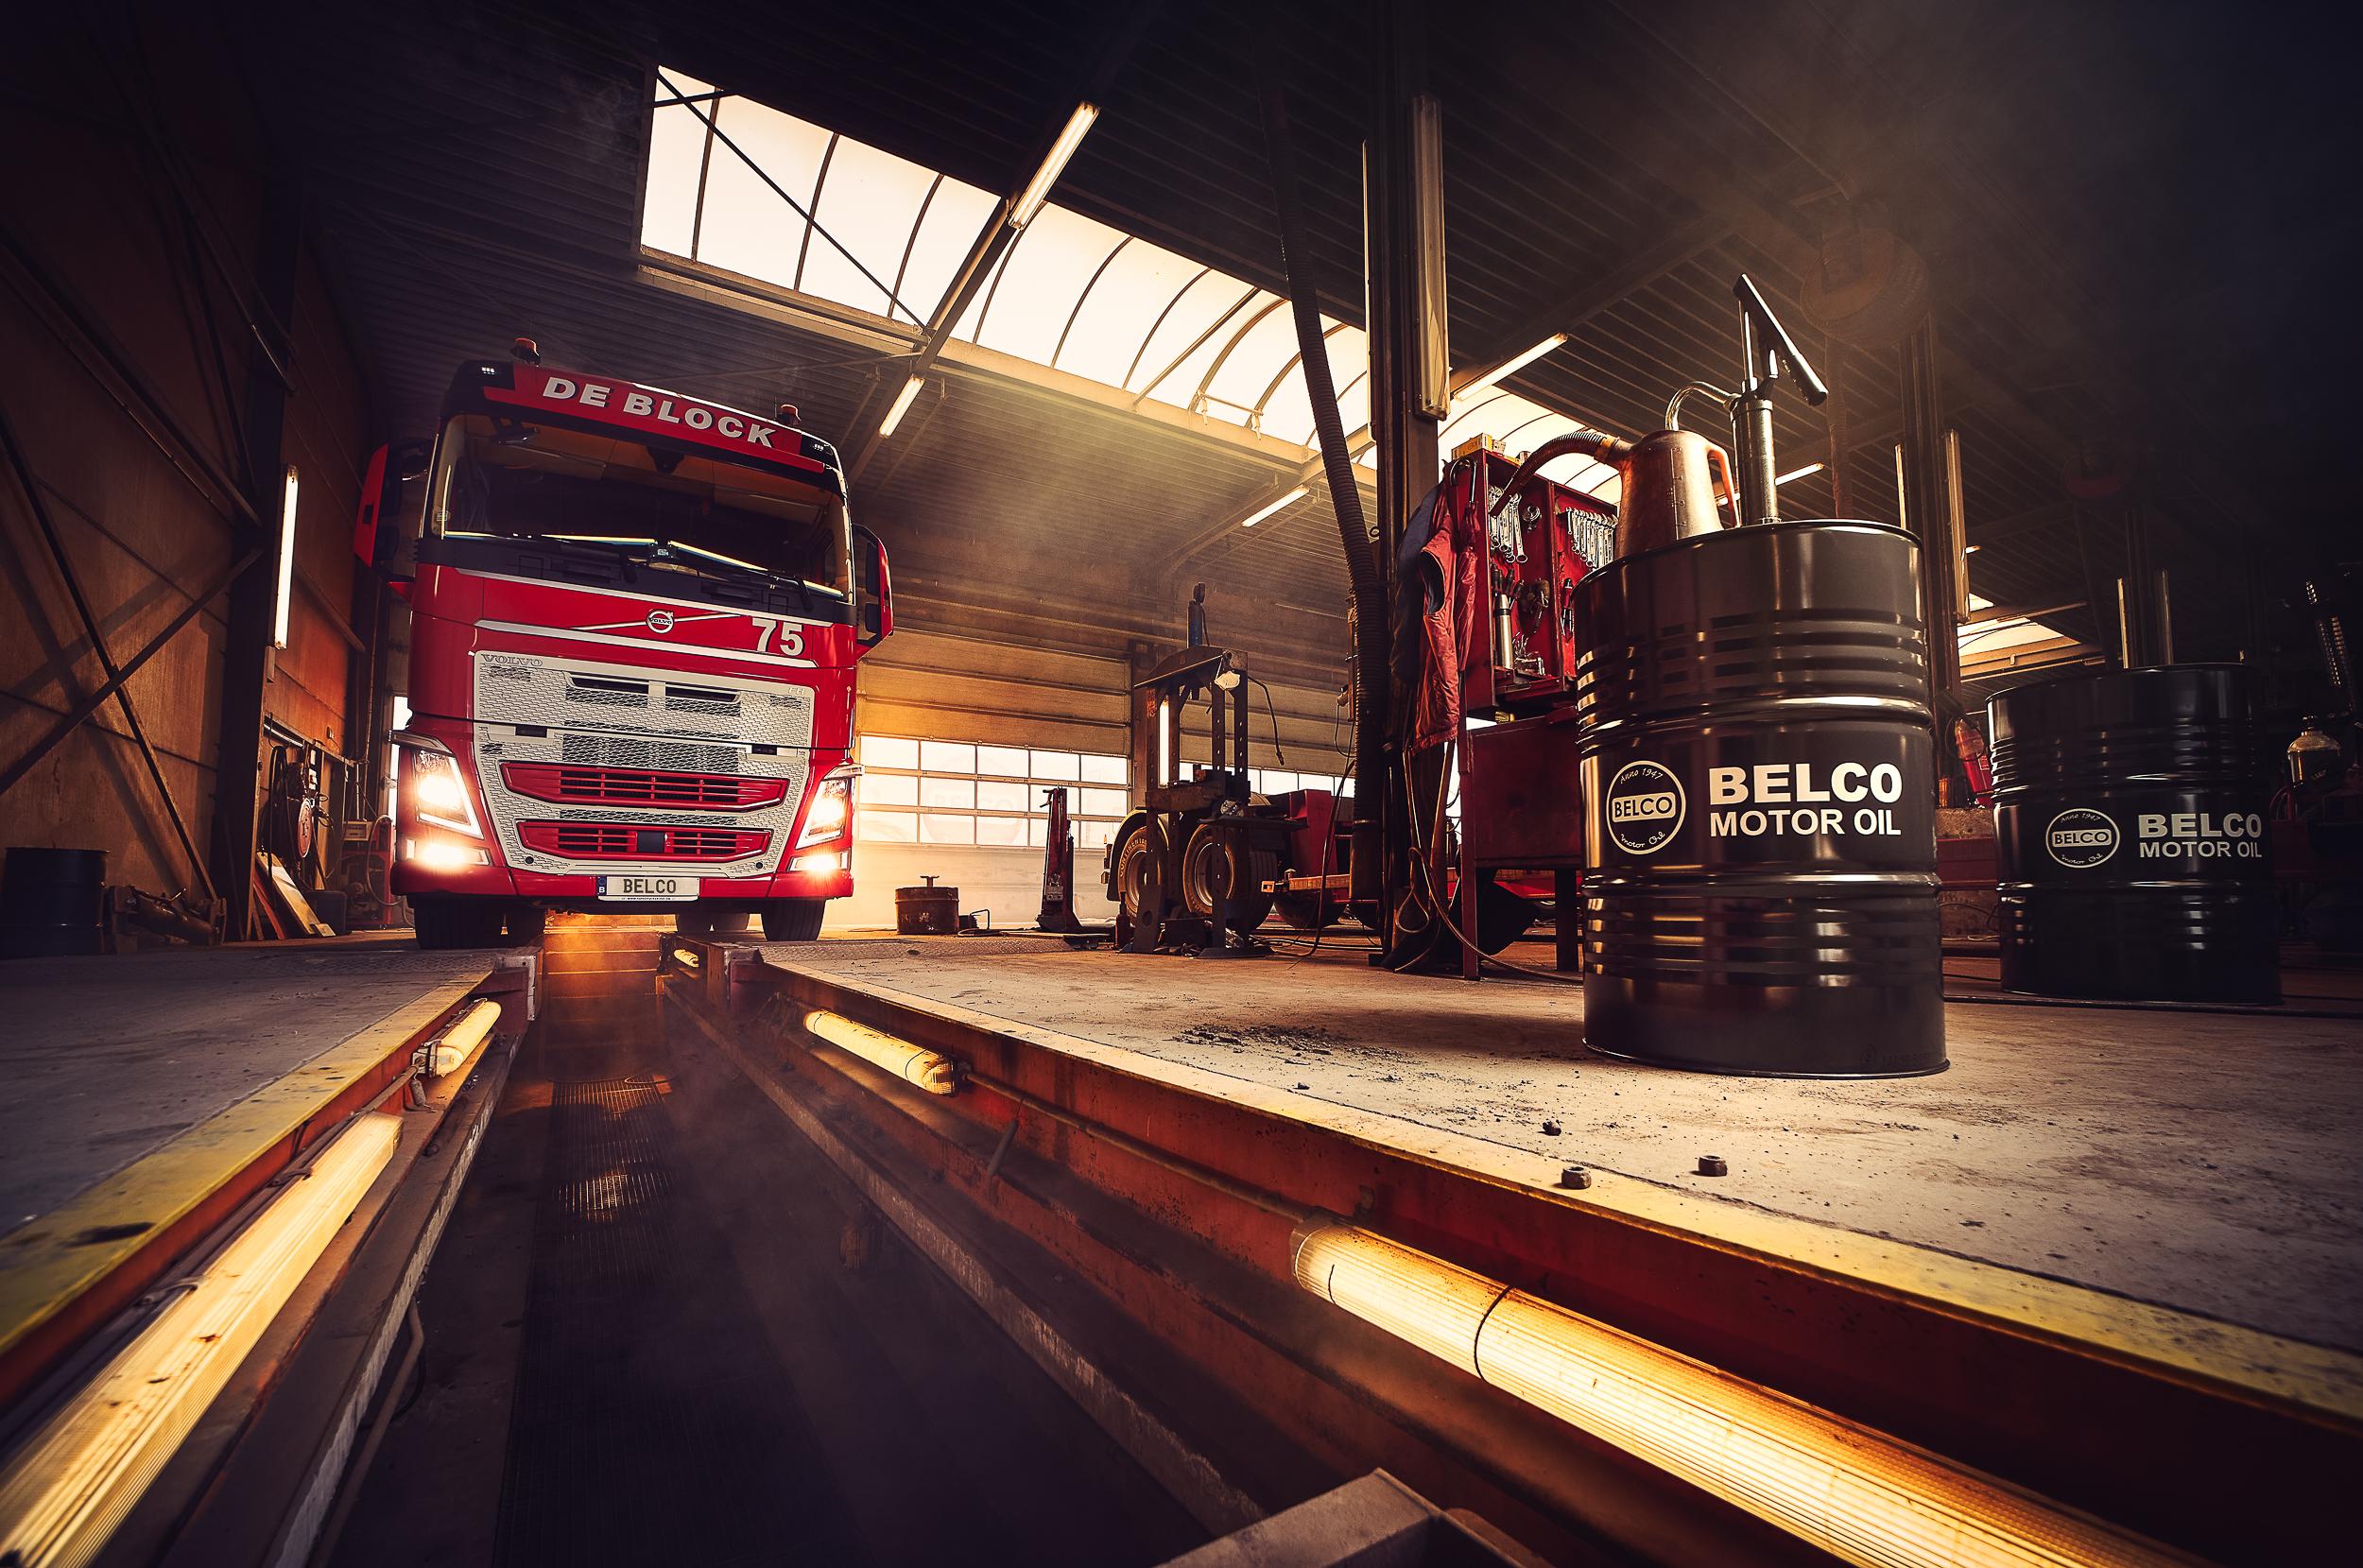 belco truck motor oils